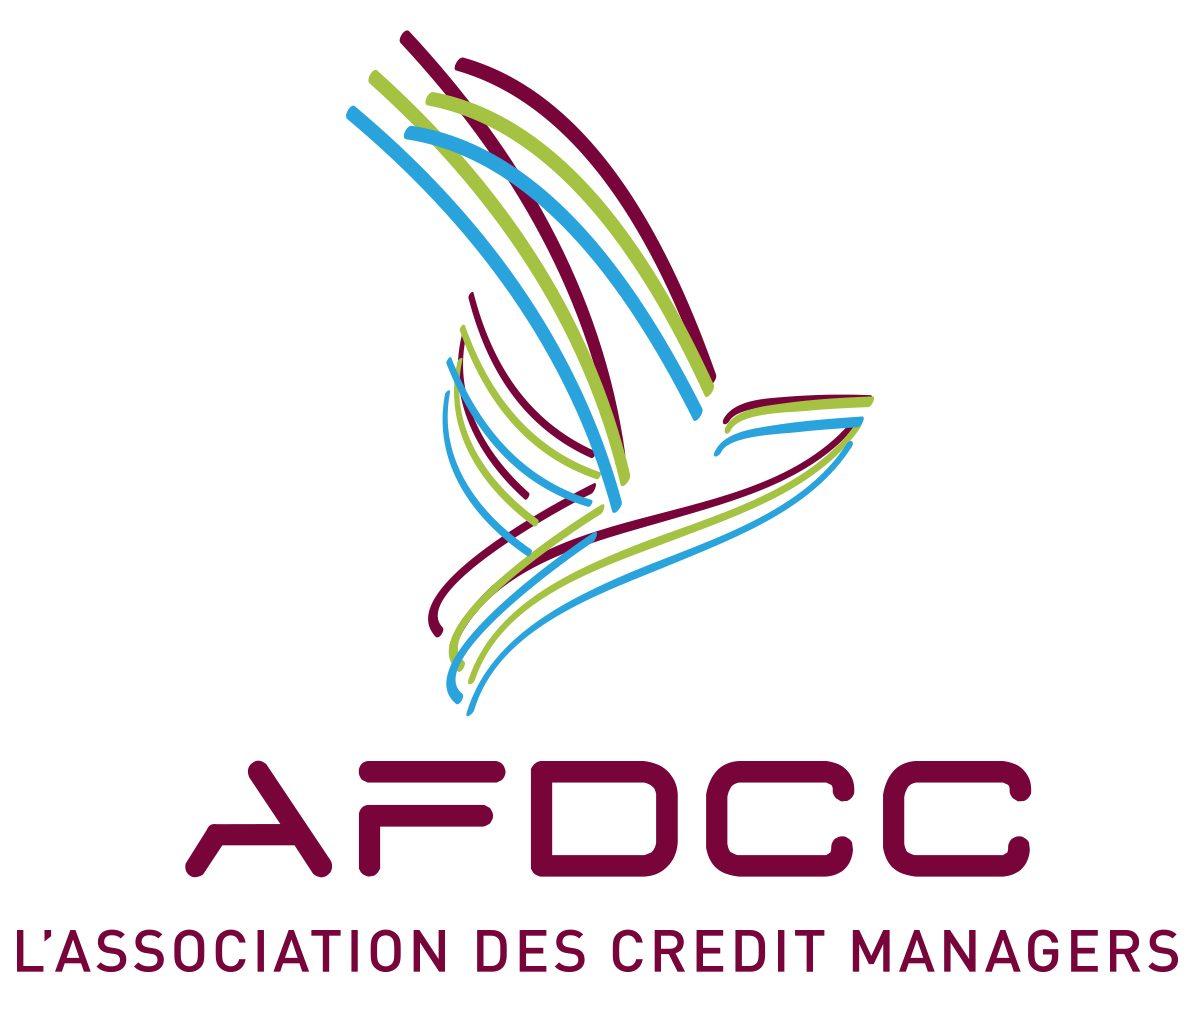 L'ASSOCIATION FRANCAISE DES CREDIT MANAGERS ET CONSEILS